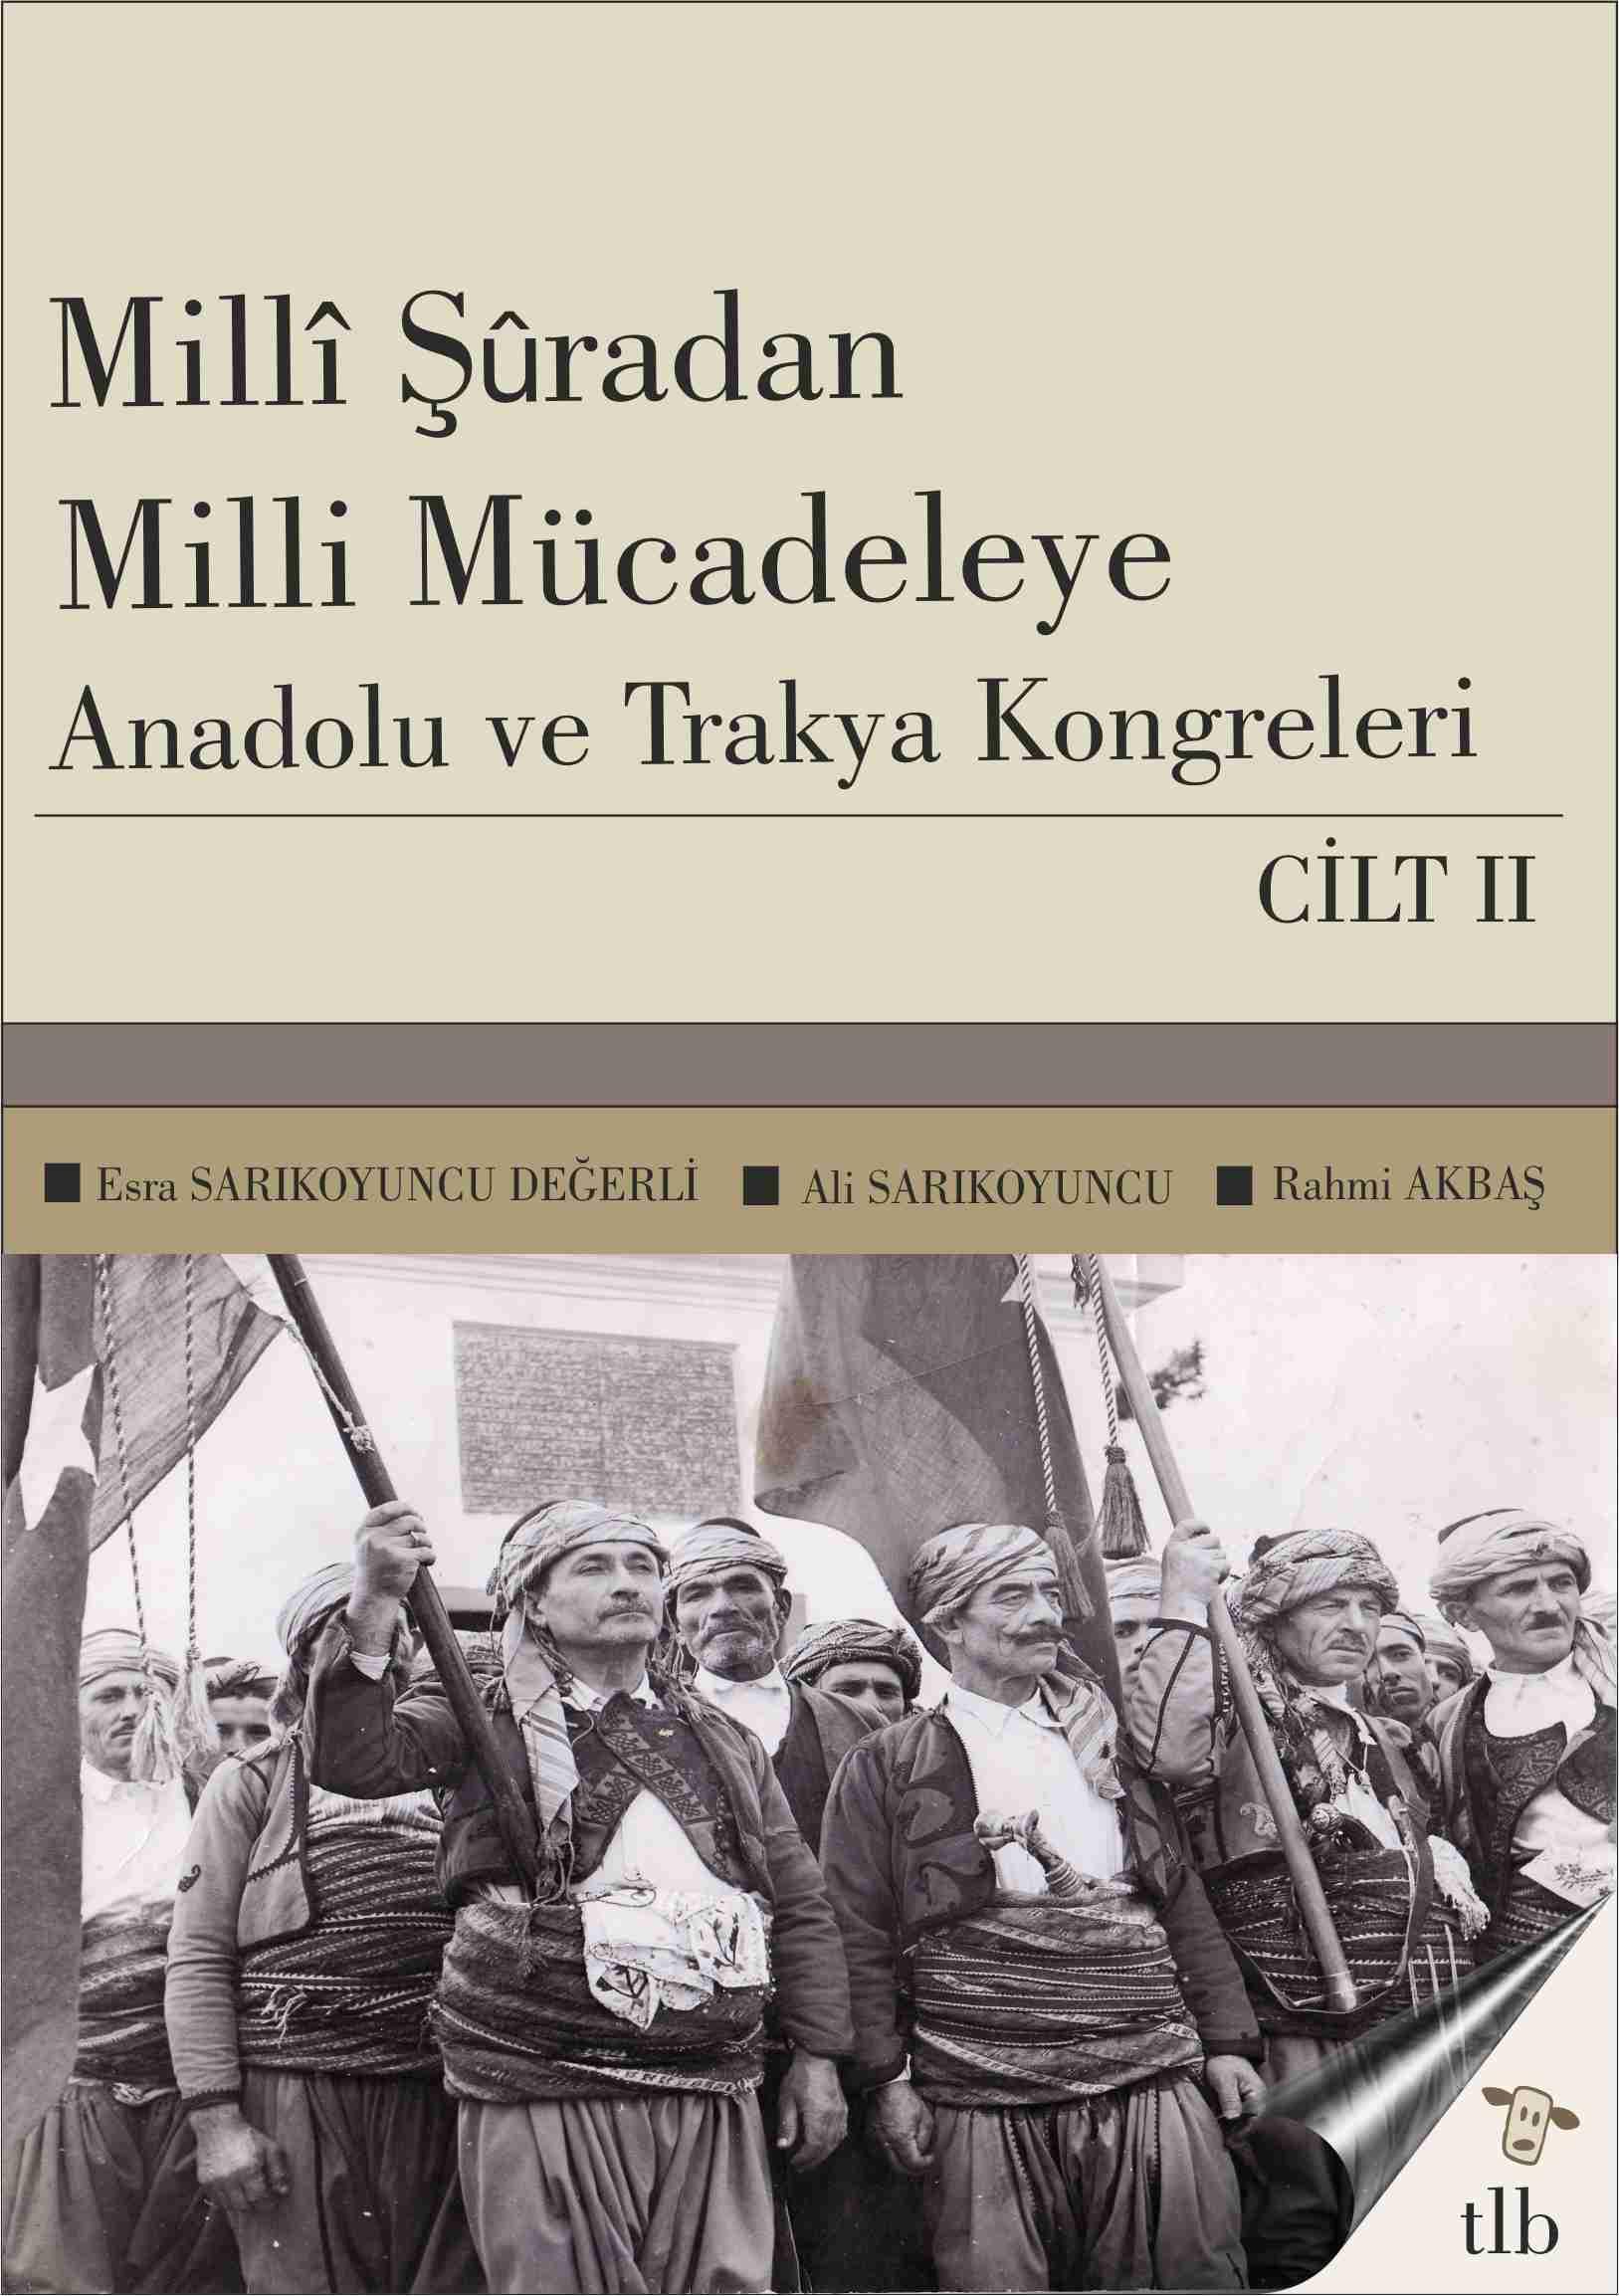 Milli Şura'dan Milli Mücadeleye: Anadolu ve Trakya Kongreleri 2. Cilt